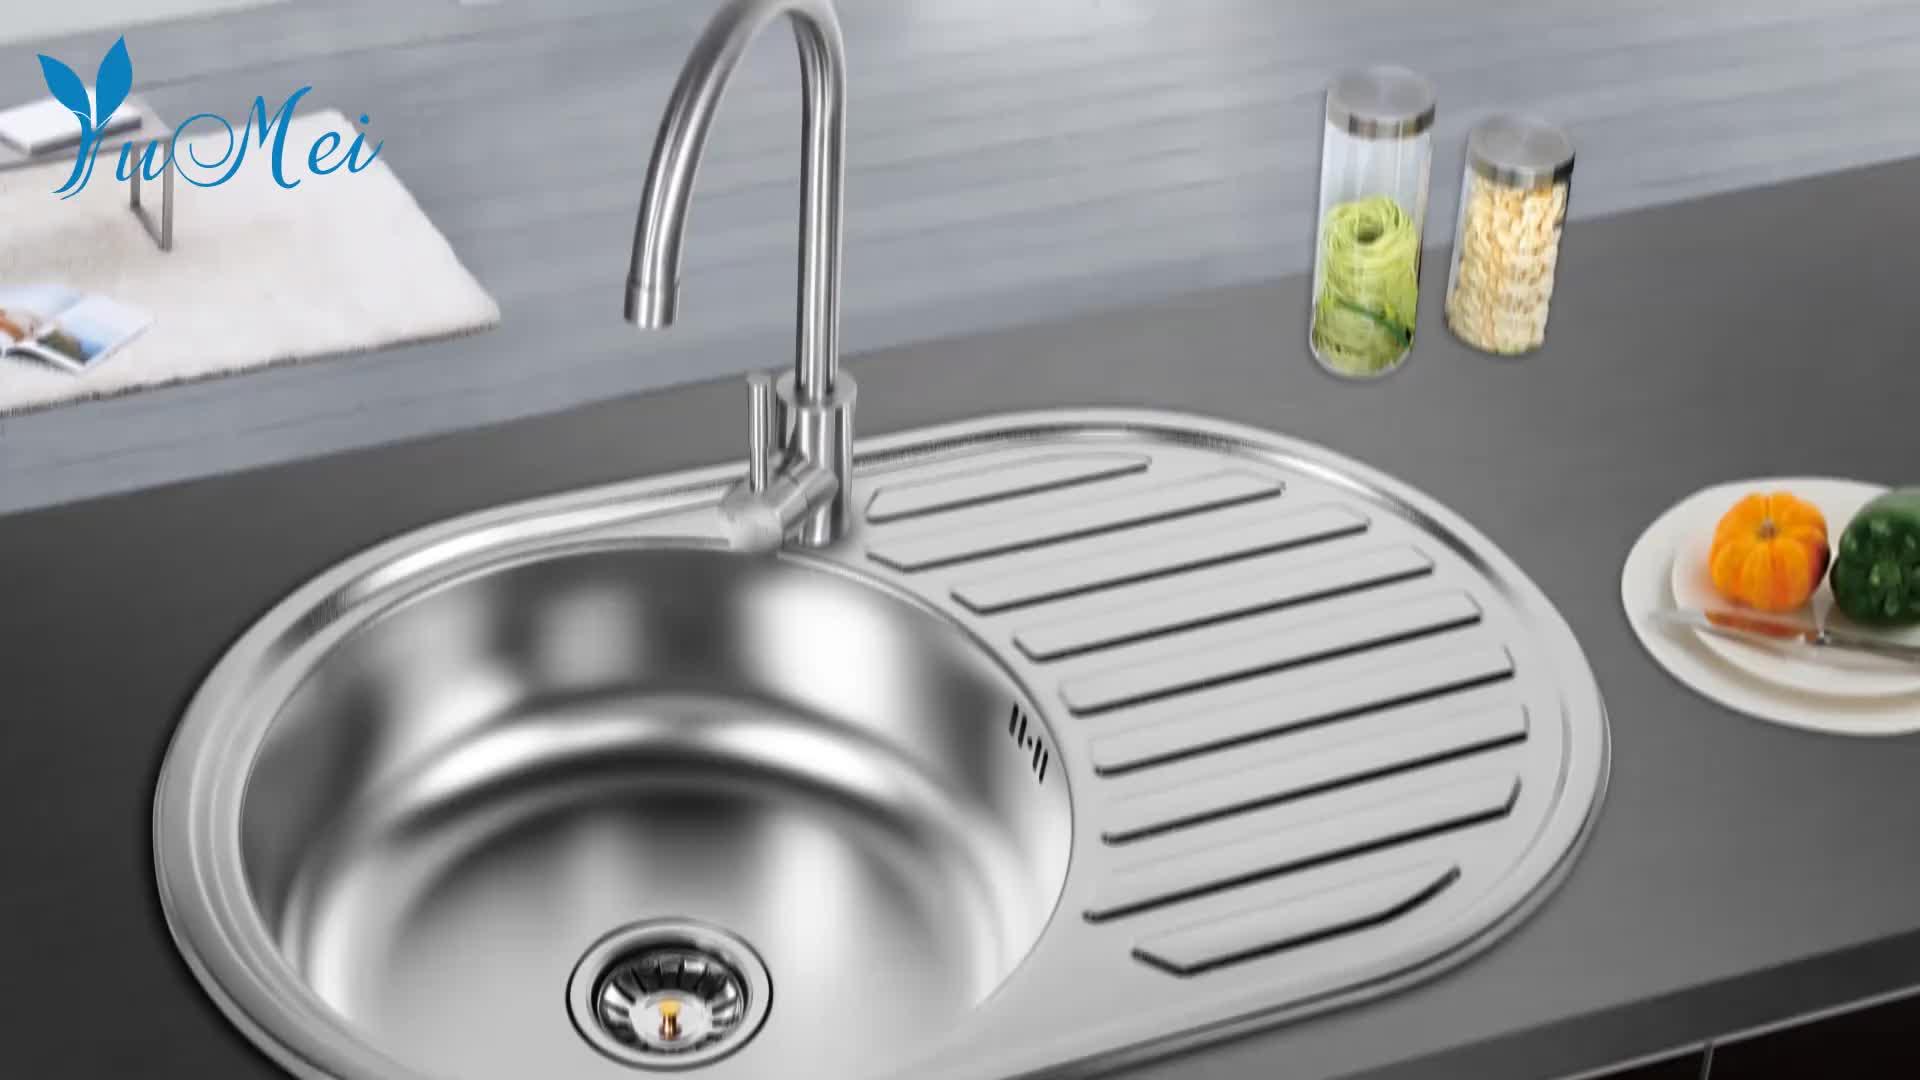 Superb 2017 Best Kitchen Sink Brand Double Bowl Stainless Steel Philippines Kitchen Sink Buy Single Bowl Large Round Bar Trough Basin Kitchen 7750W Sales Download Free Architecture Designs Lukepmadebymaigaardcom